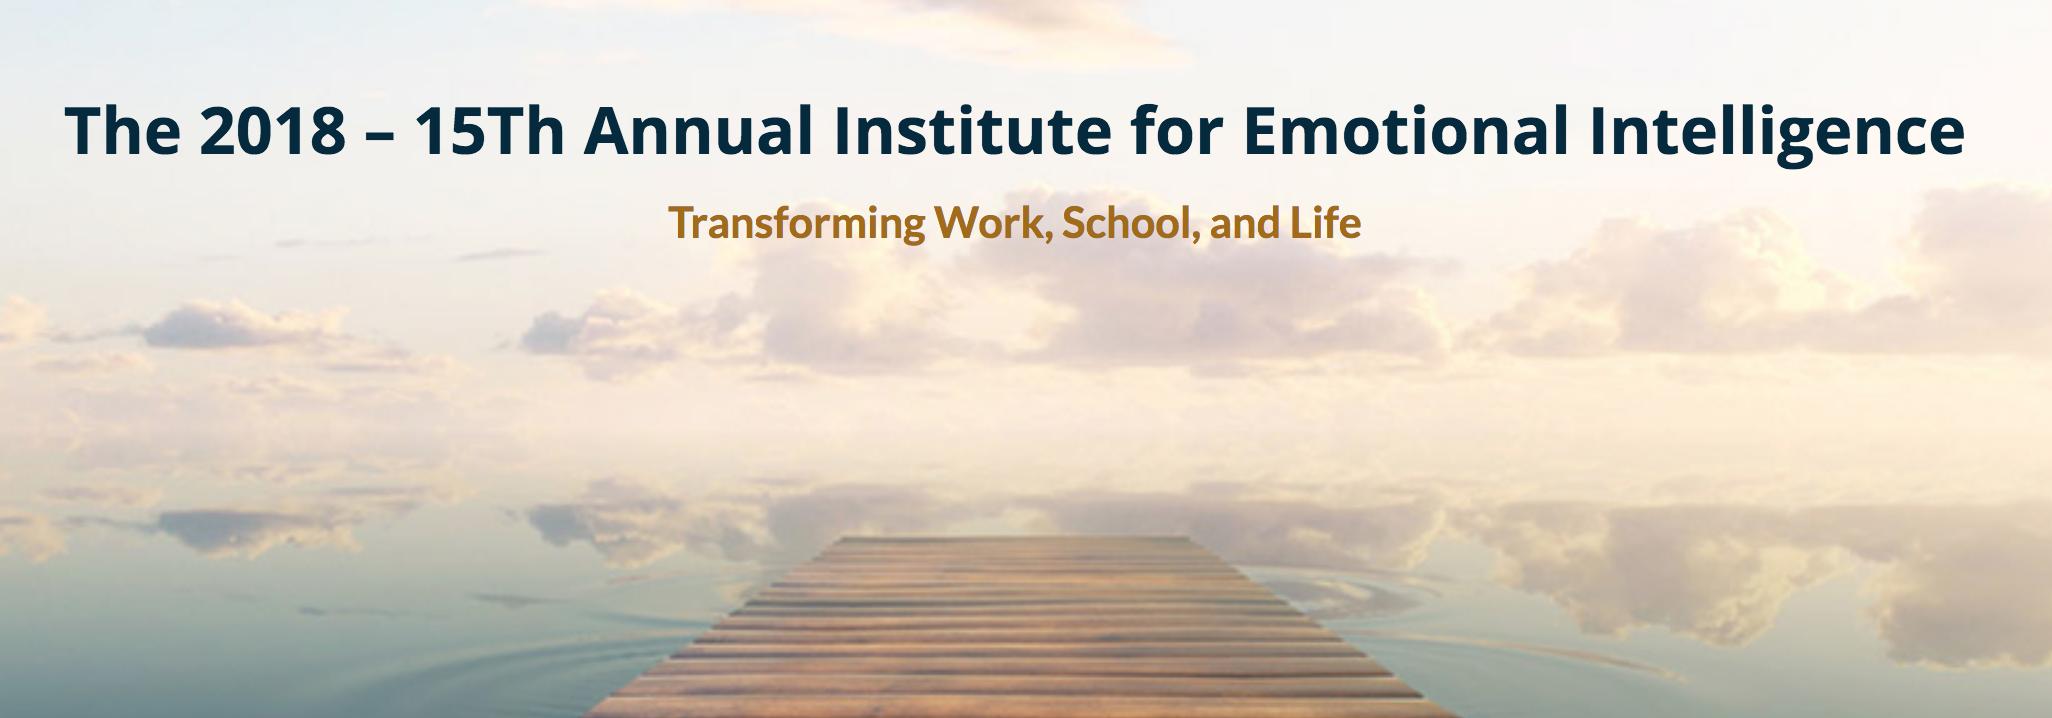 2018 Institute for EI